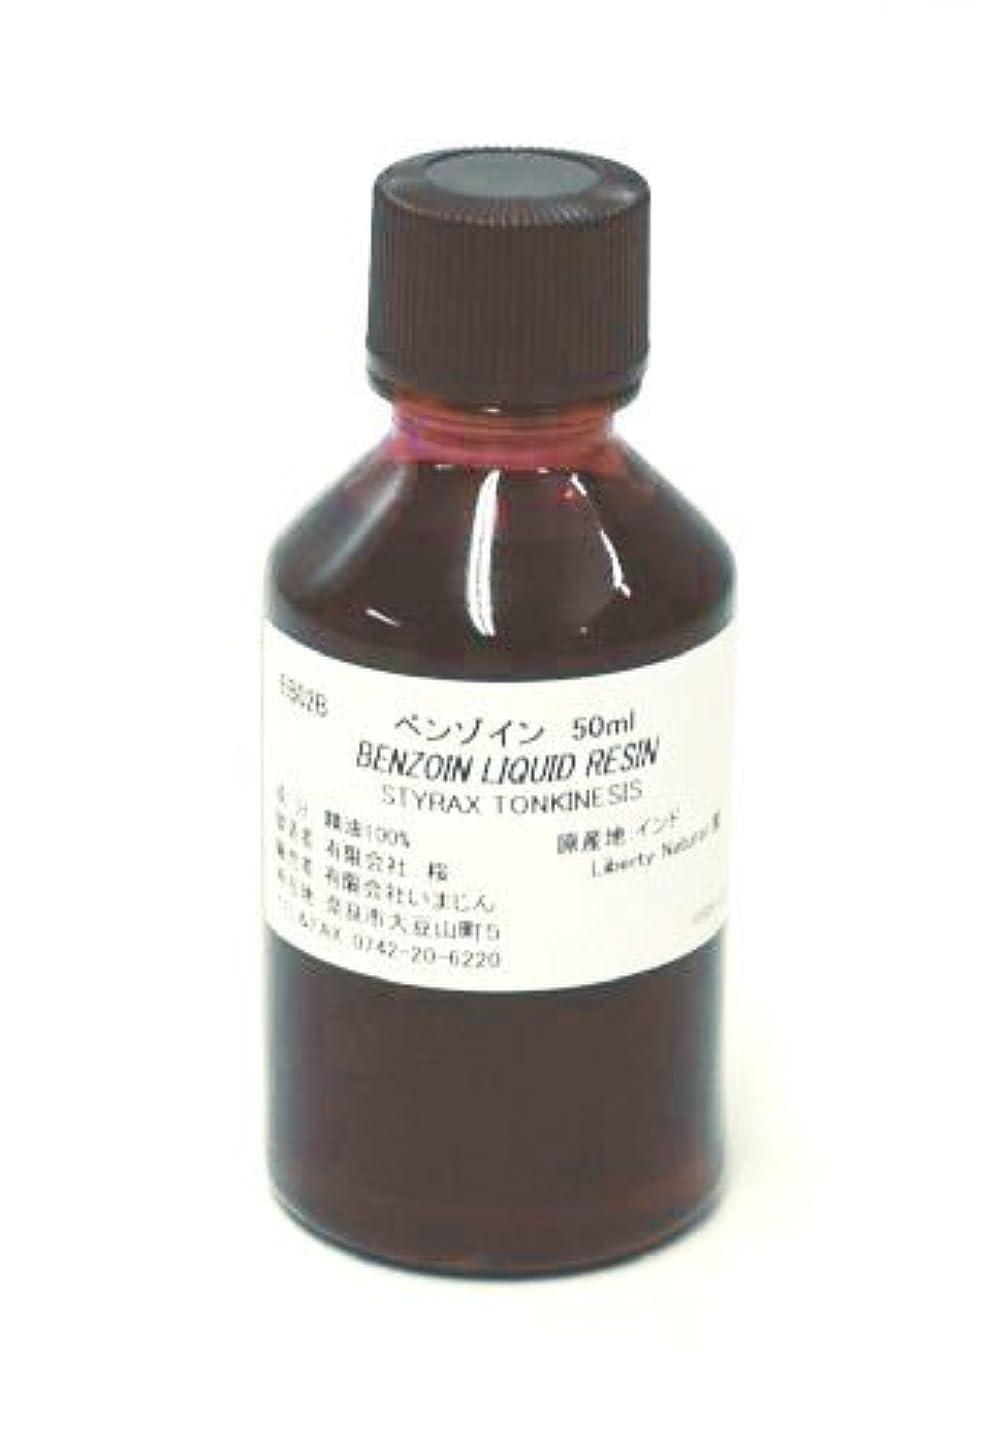 リスク乏しいヒロイックベンゾイン 50ml 【エッセンシャルオイル?精油?手作りコスメ材料?手作り石けん材料】【いまじん】